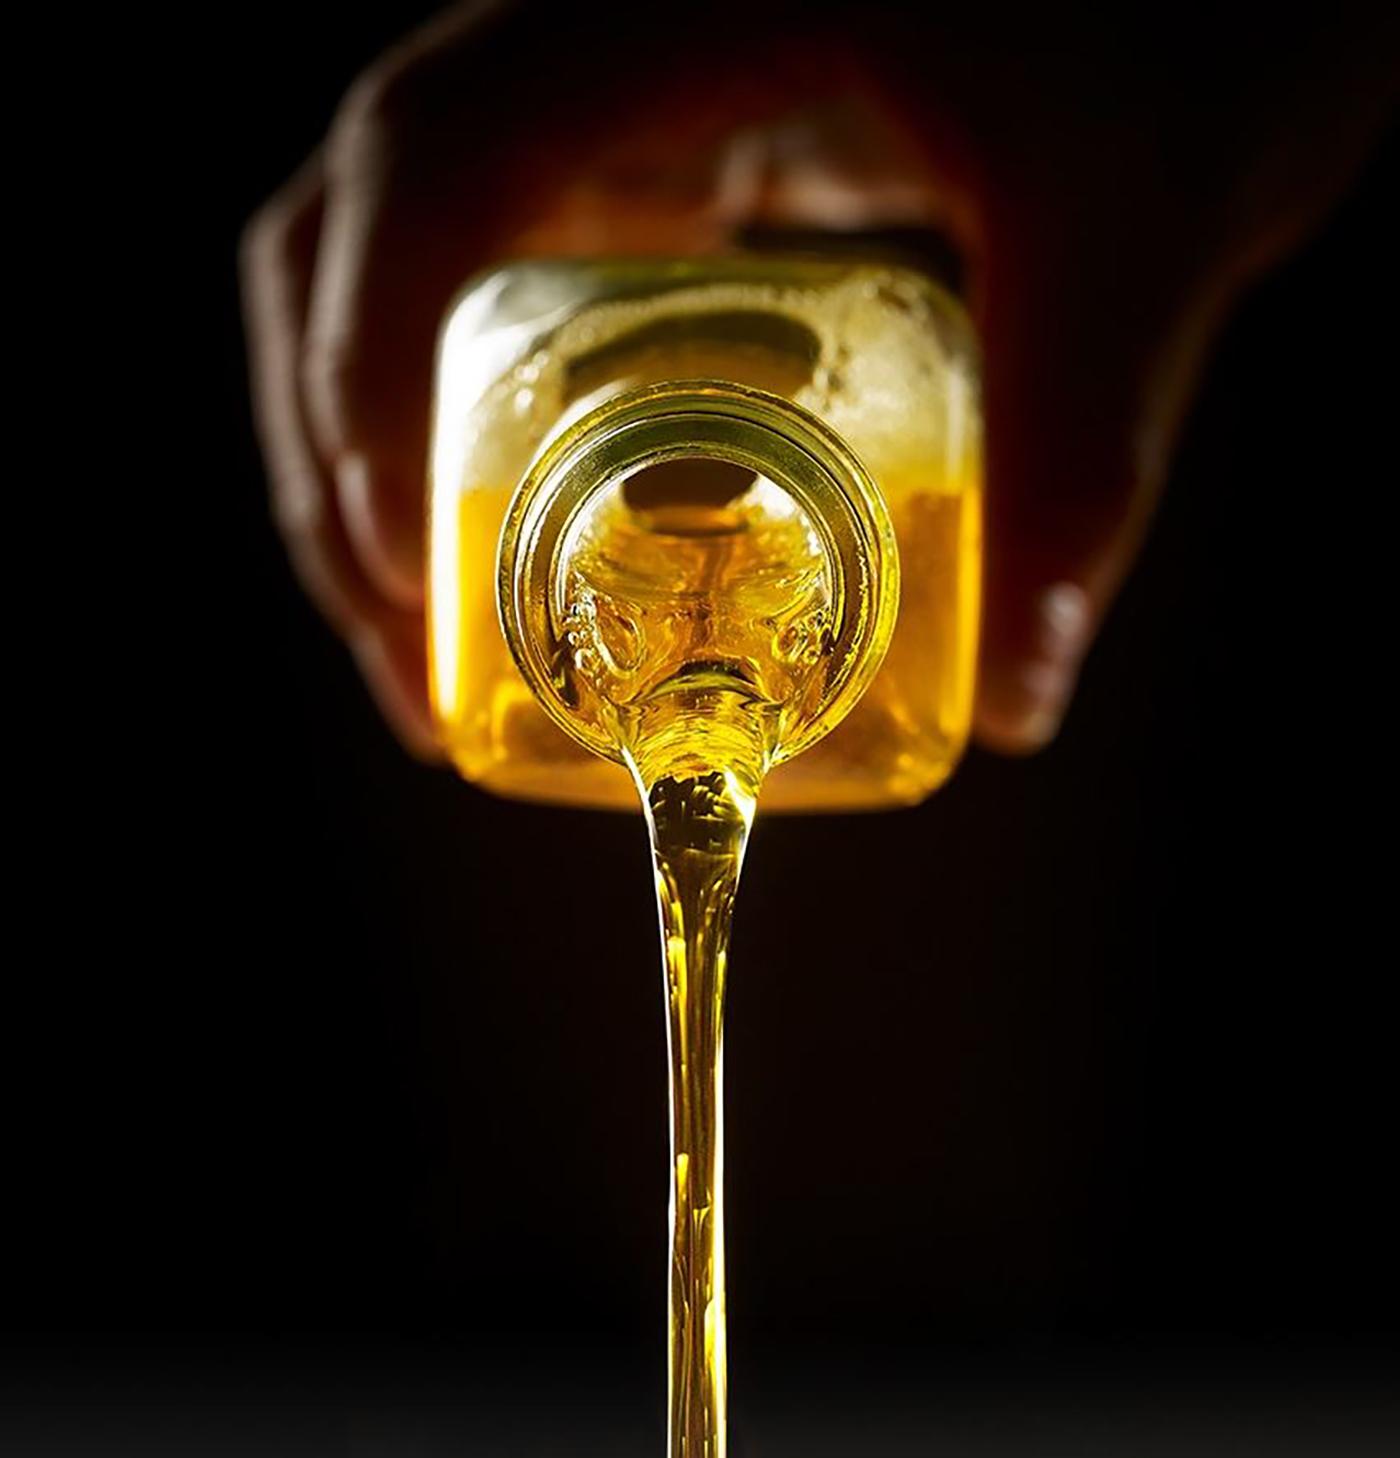 국내산 100% 순참기름/참깨 그대로 넣어 고소하고 진한 국산 순참기름 (120ml/150ml) 상세이미지4